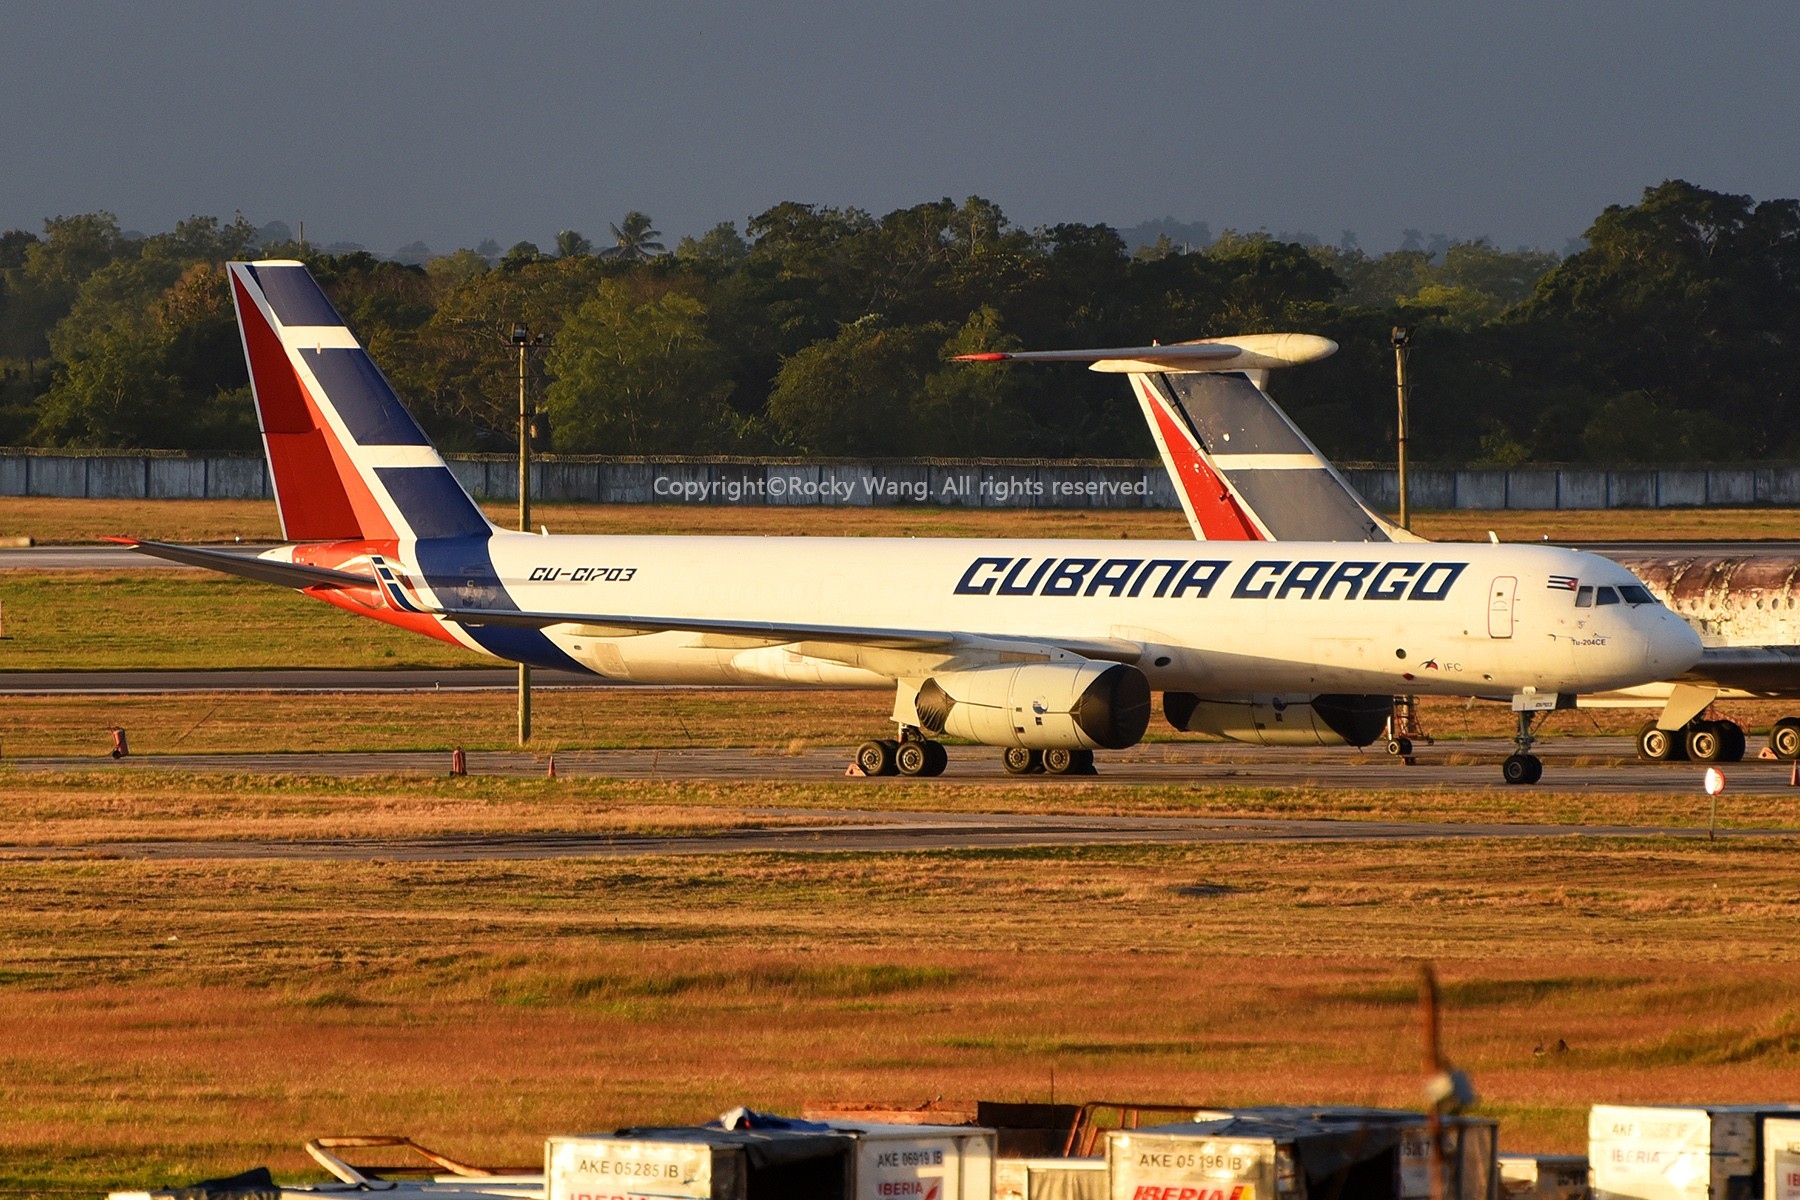 Re:简易版游记,纪念一次30段的环球飞行和一些碎碎念 TUPOLEV TU-204-100CE CU-C1703 Havana Aeropuerto Int'l Jose Marti